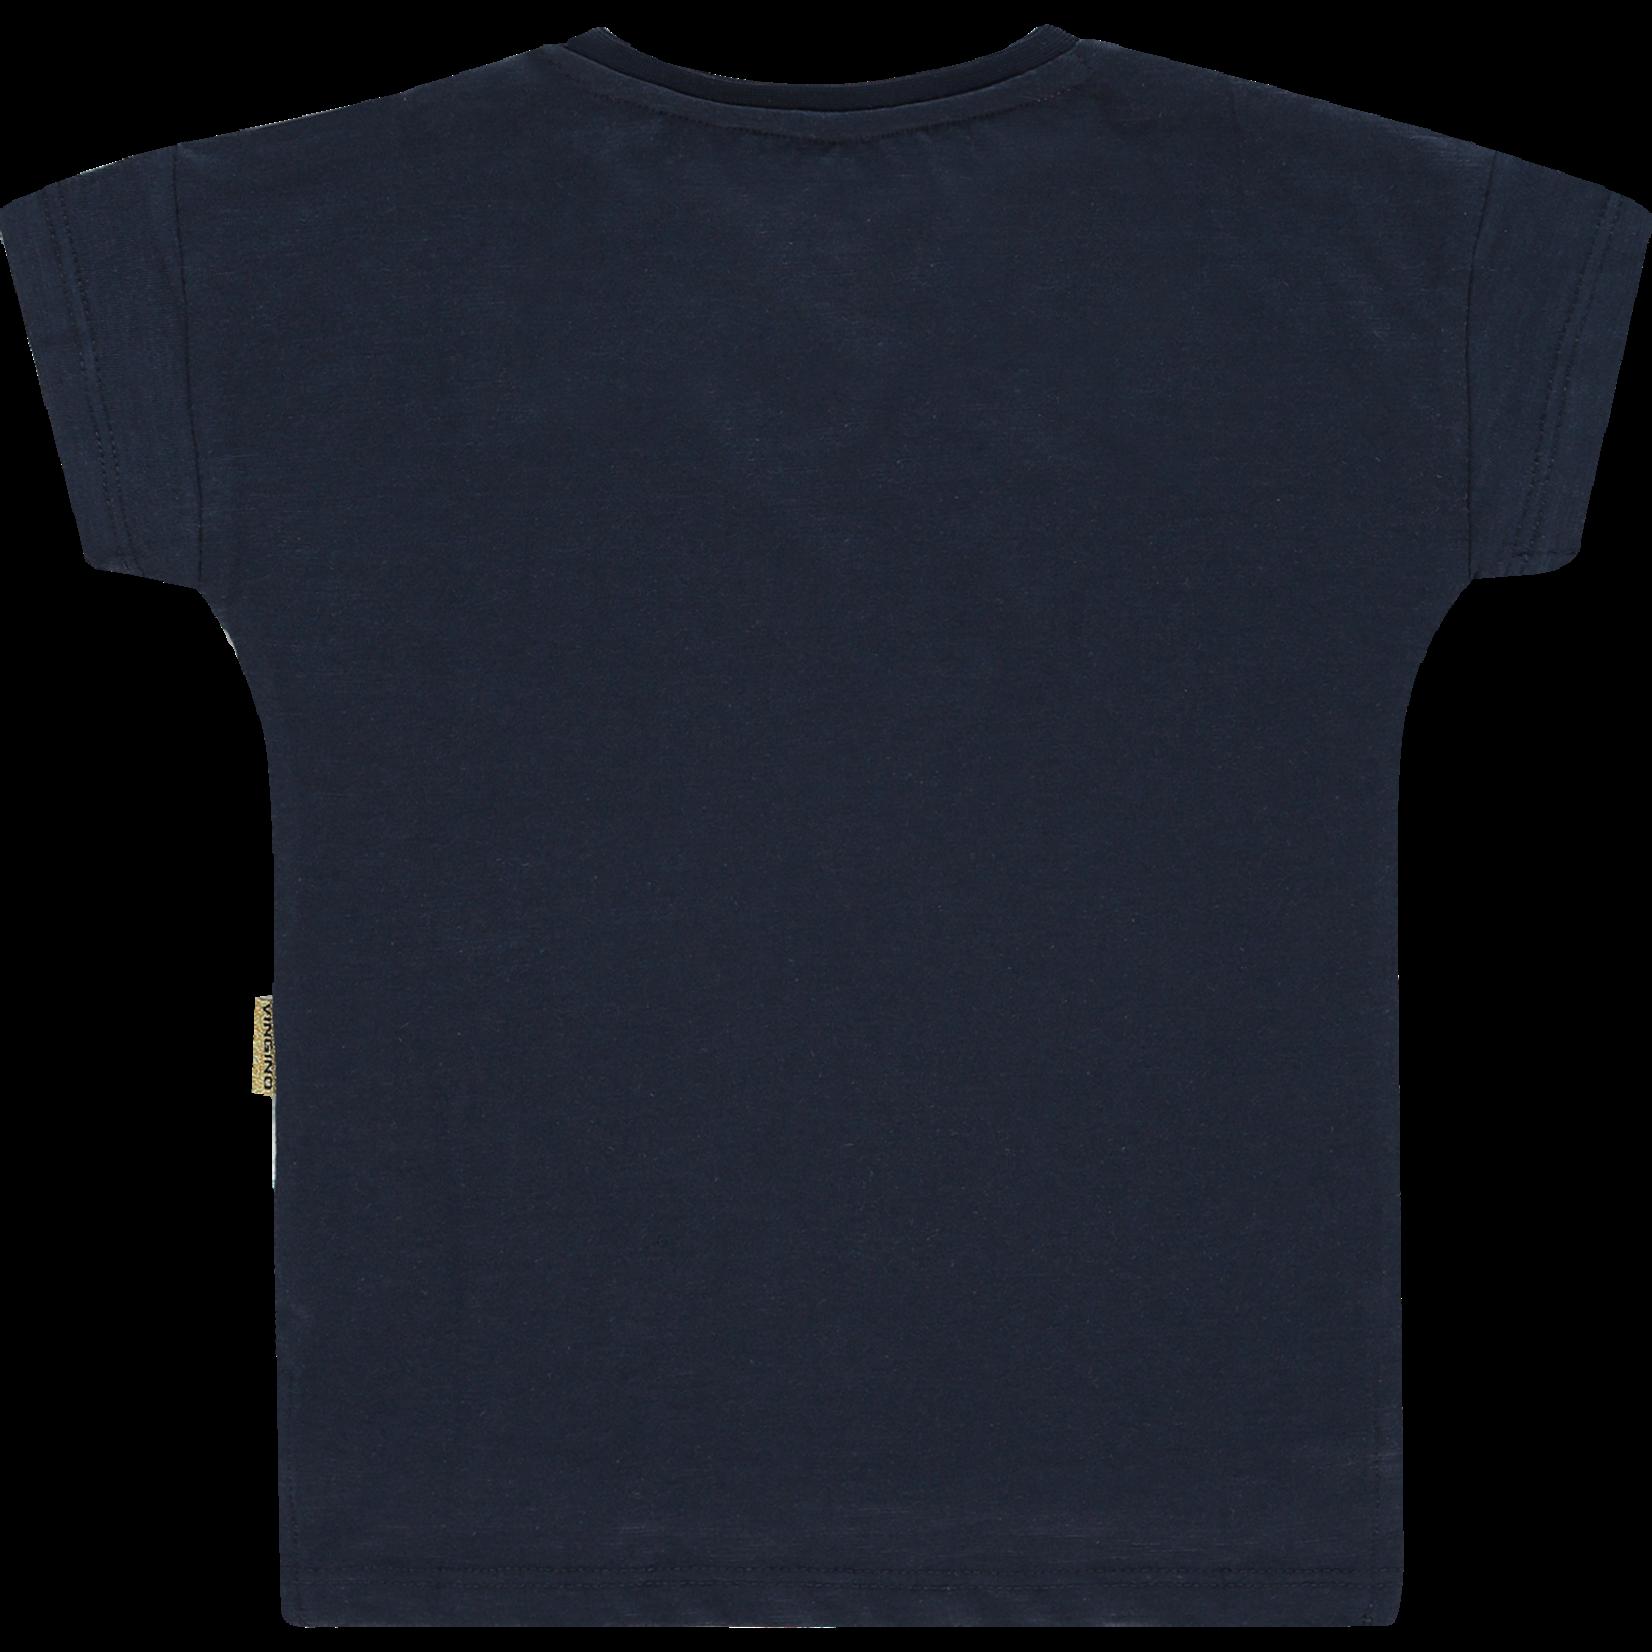 Vingino T-shirt Hiske Dark Blue